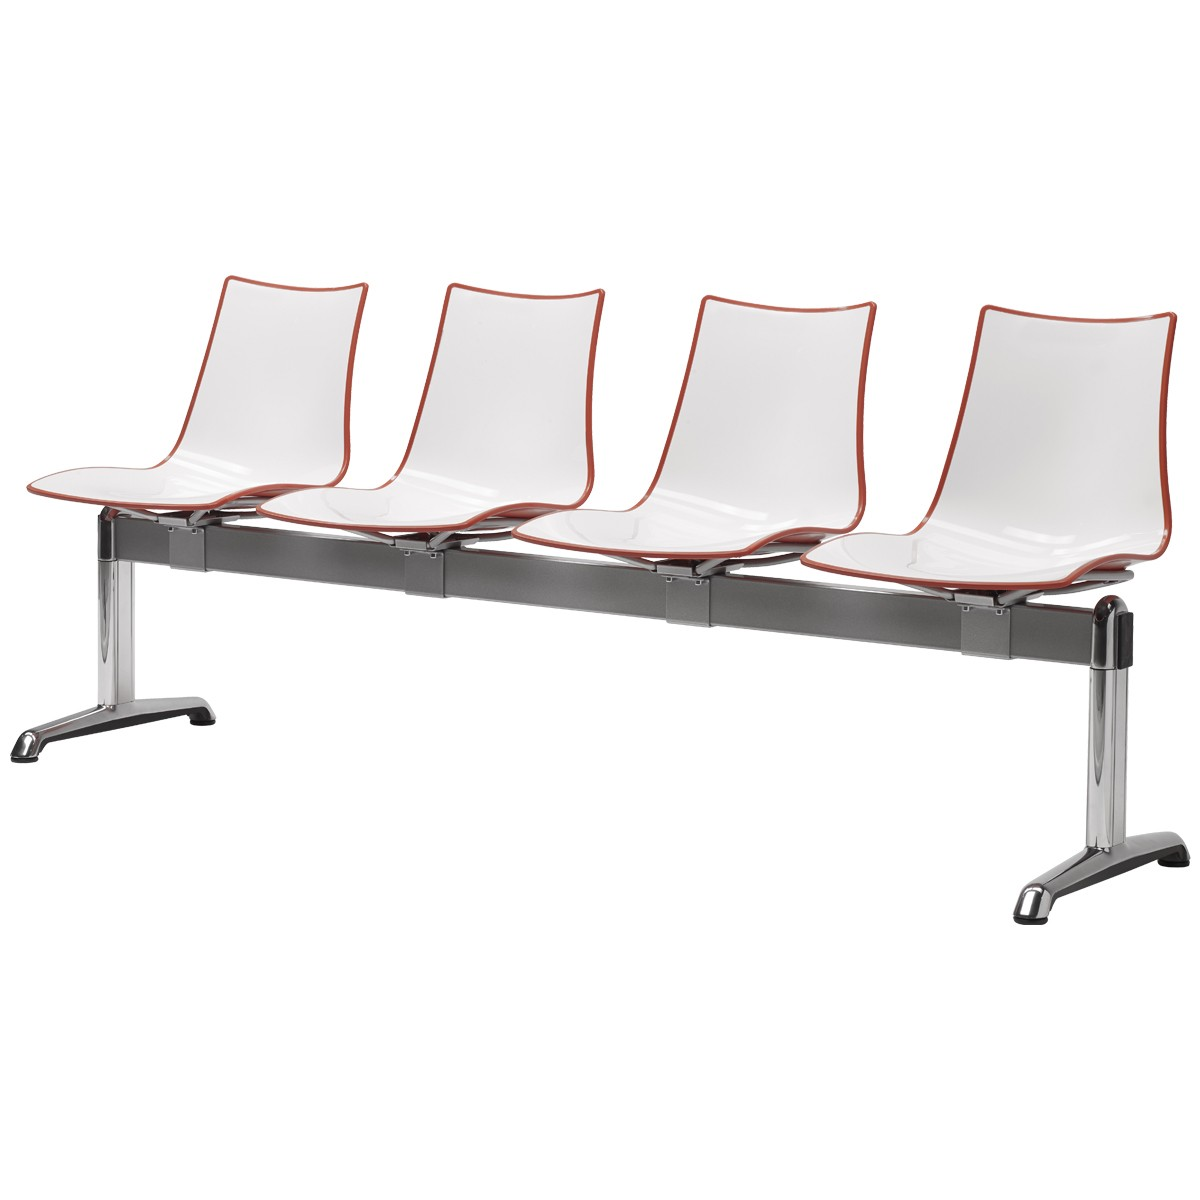 Ławka czteroosobowa do poczekalni z siedziskami z tworzywa Zebra Scab Design